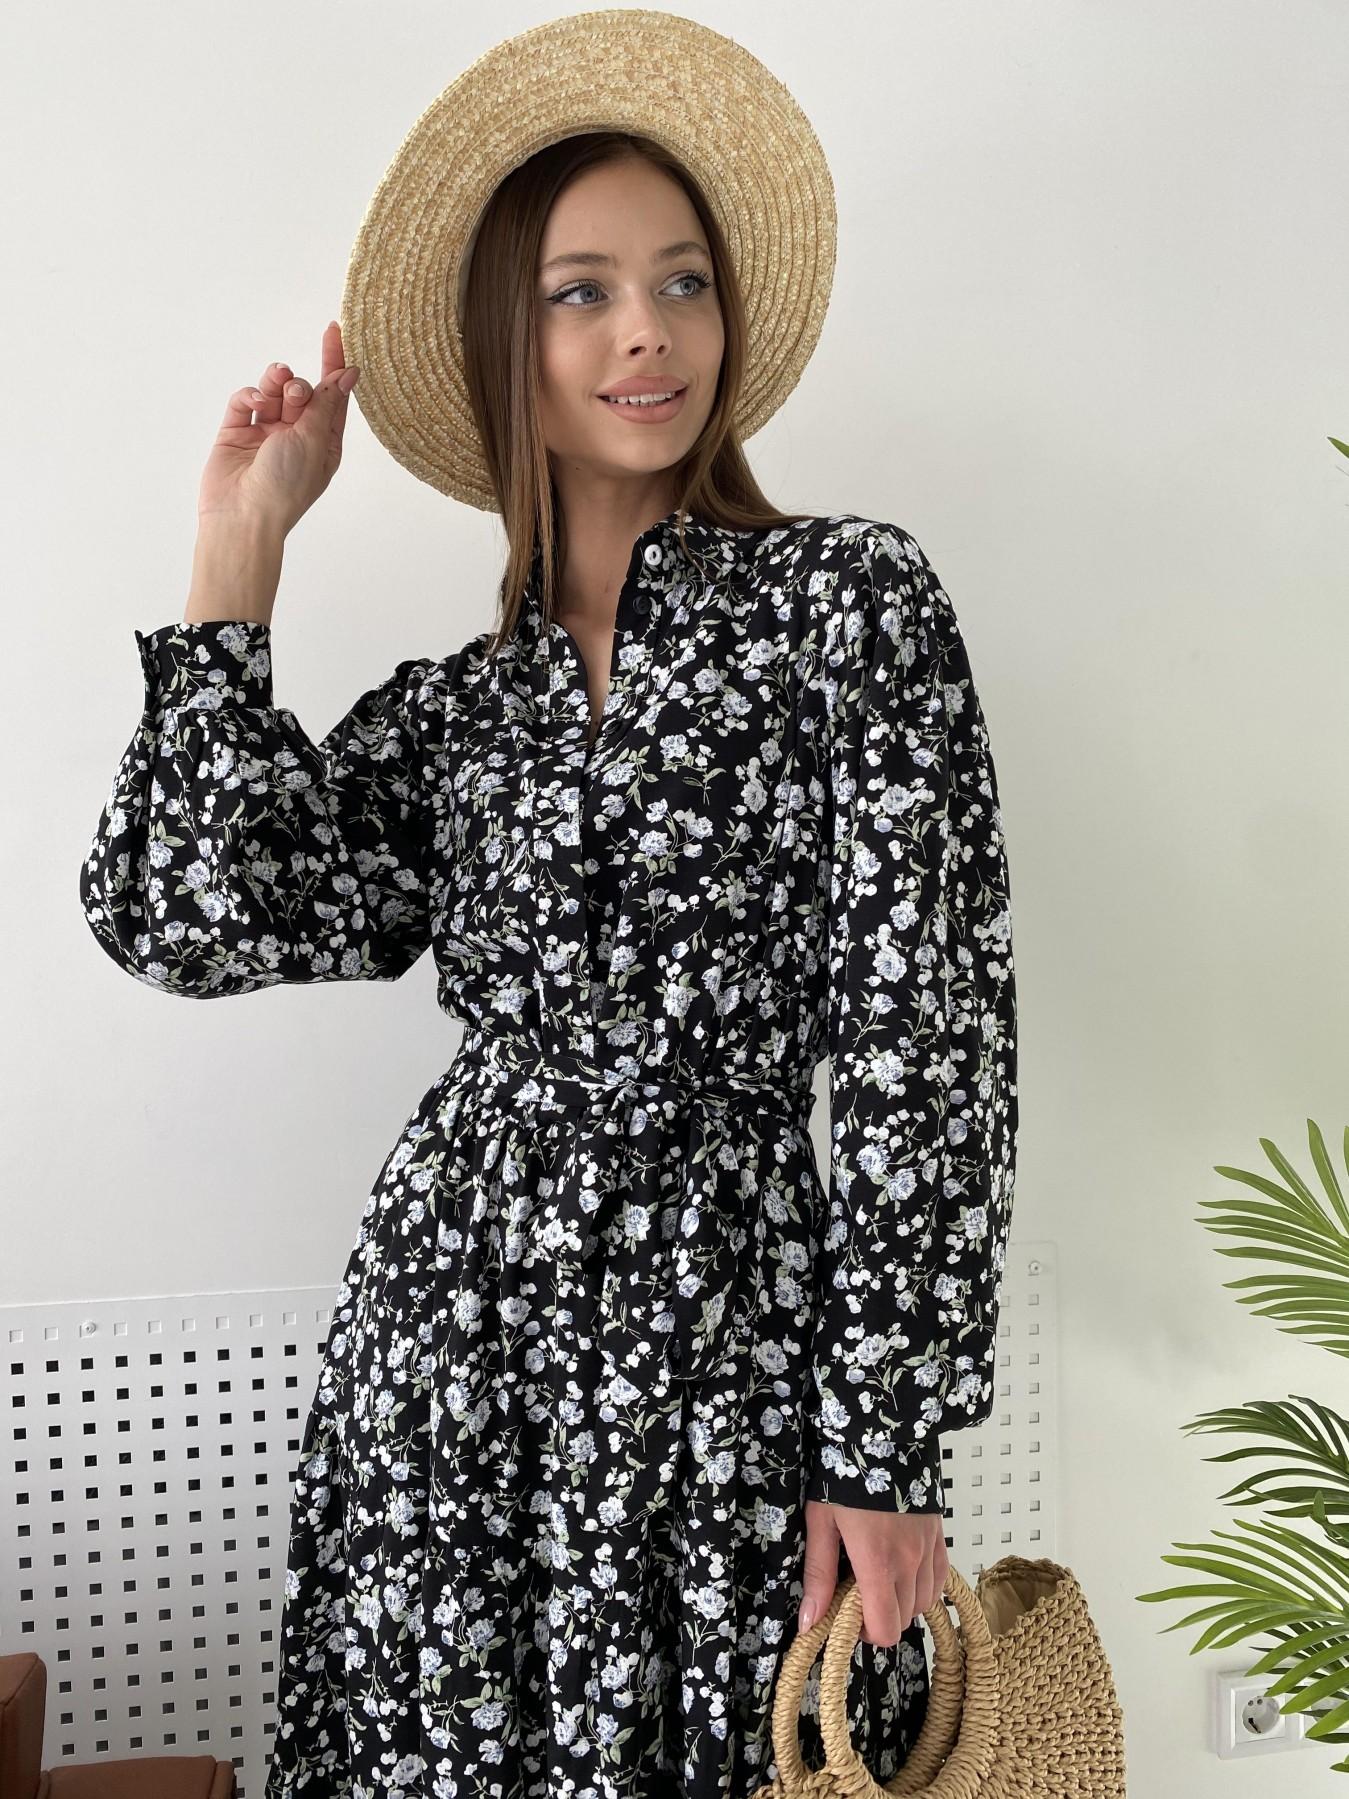 Лилия платье из вискозы и льна в принт 11313 АРТ. 47851 Цвет: Черный/ГолубаяХризантема - фото 4, интернет магазин tm-modus.ru